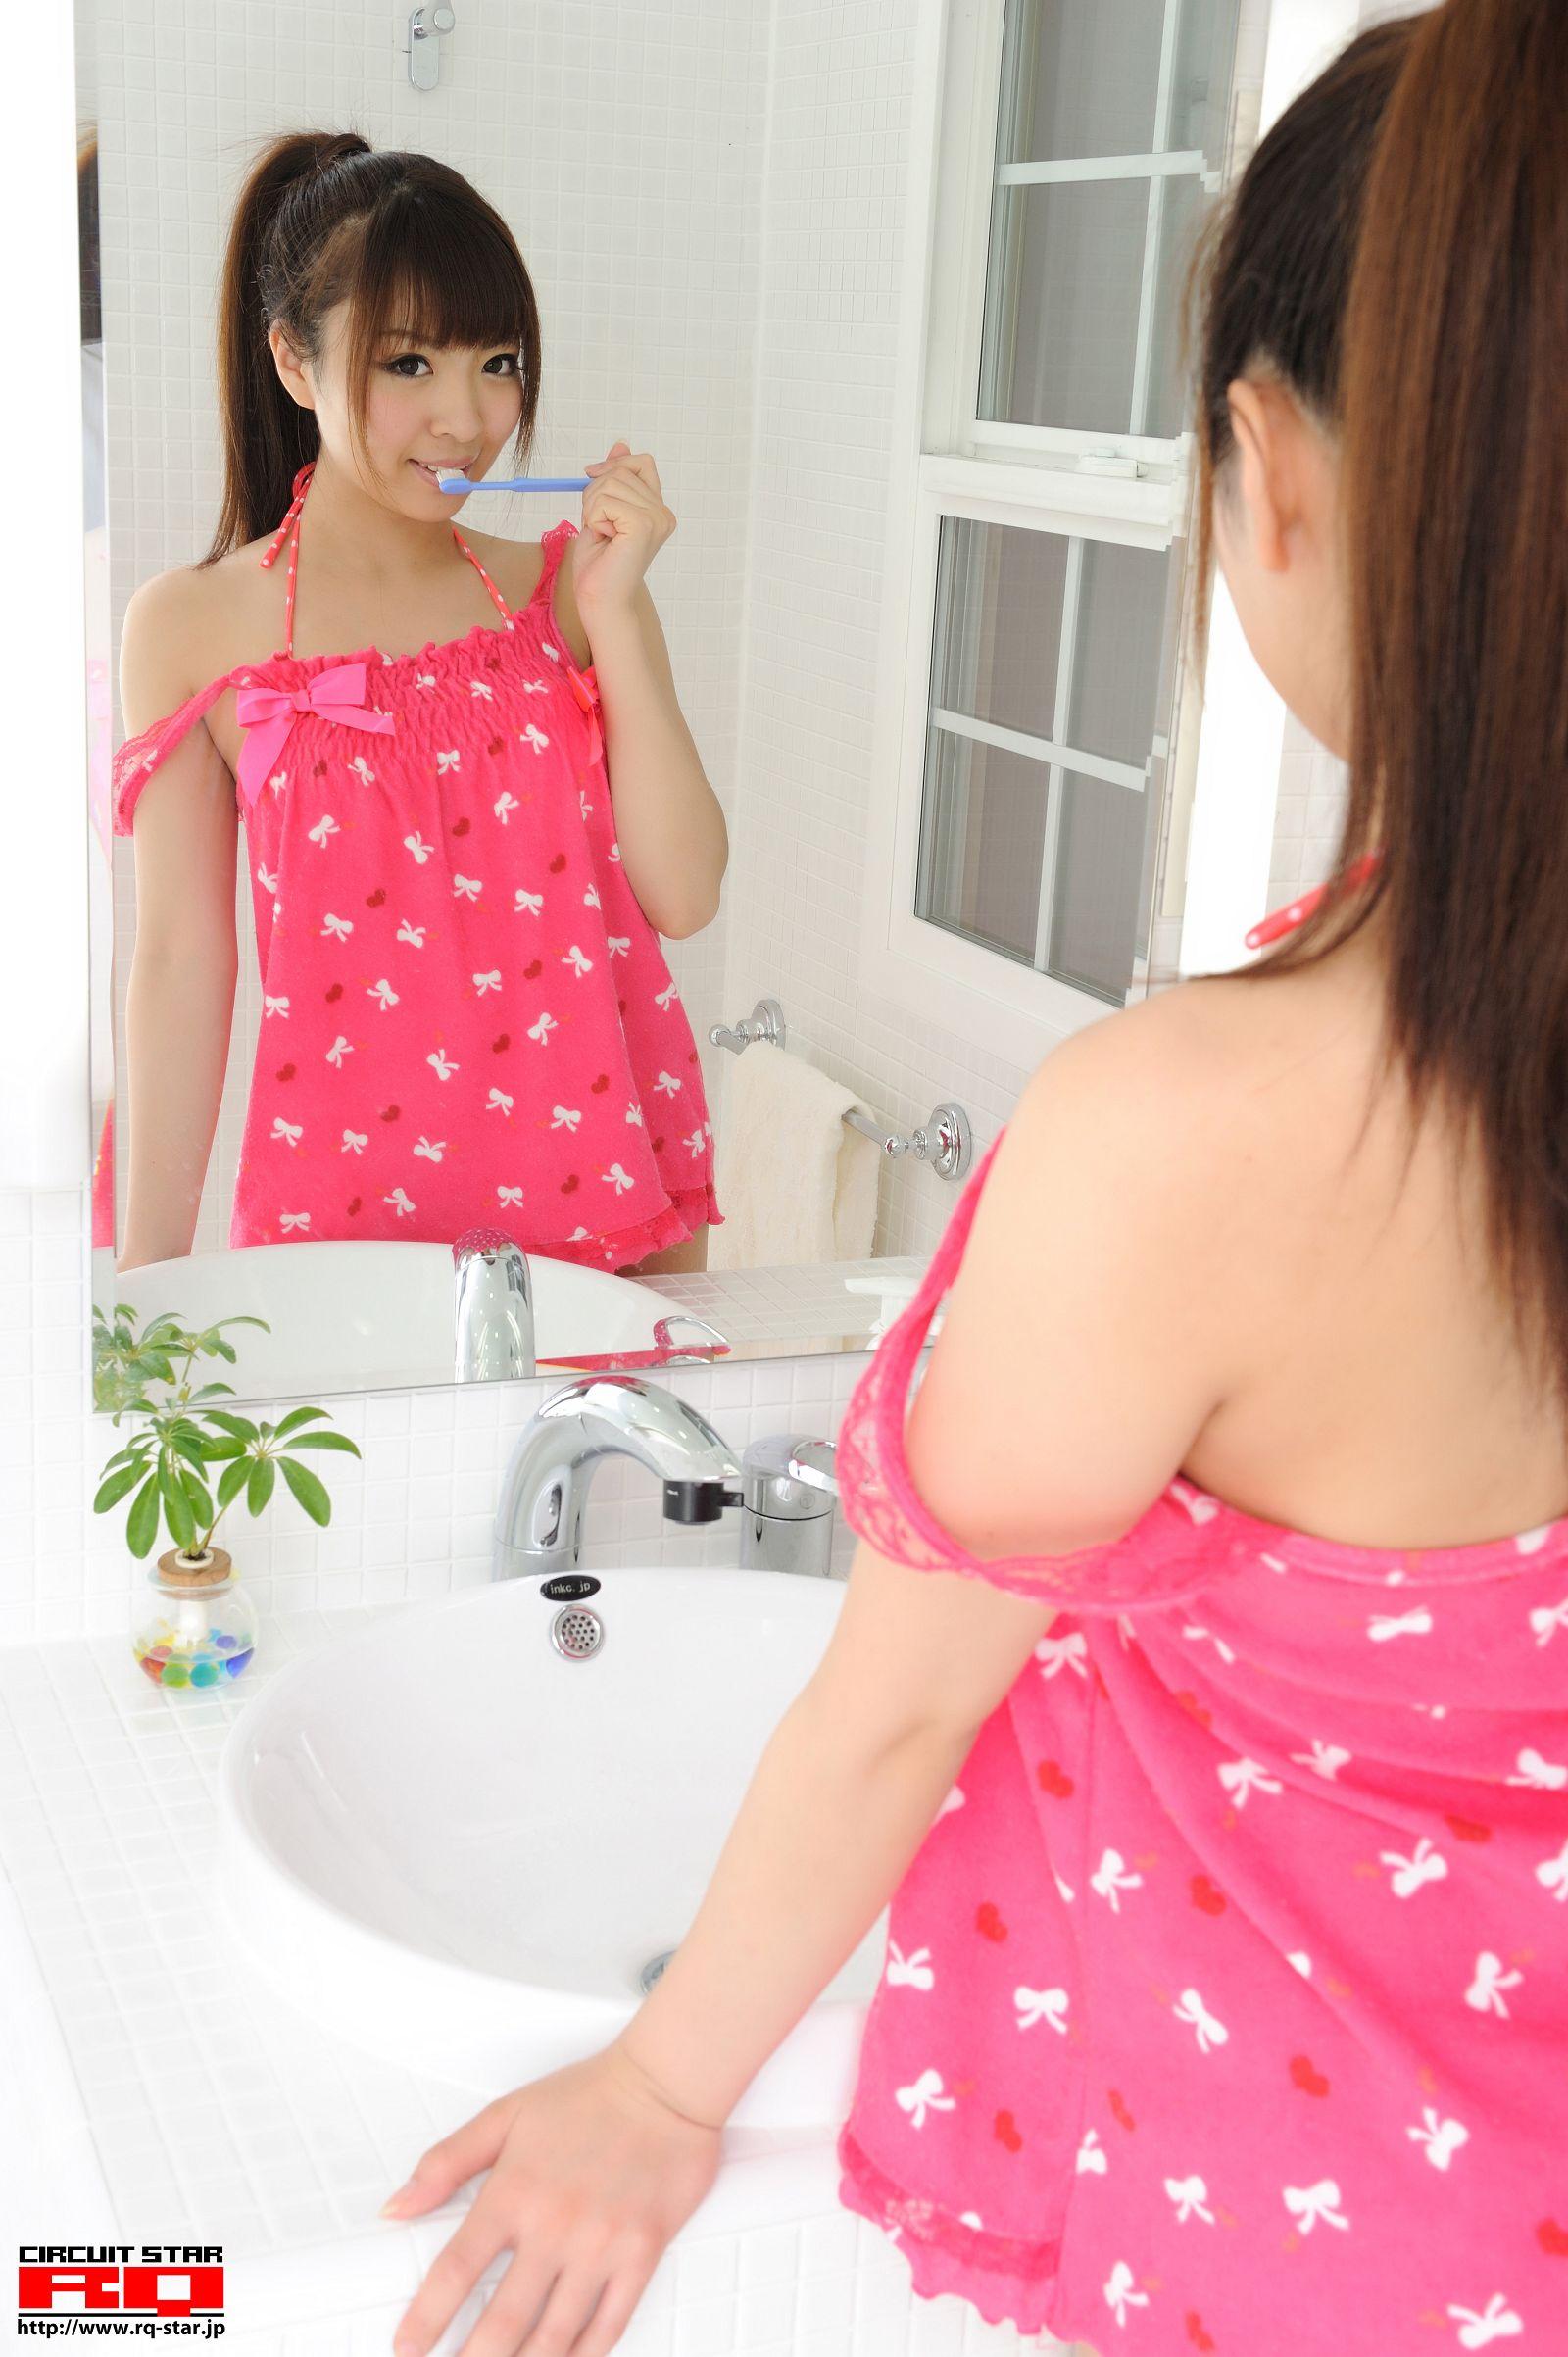 [RQ STAR美女] NO.00517 Mayuka Kuroda 锿蚪Y花 Swim Suits[119P] RQ STAR 第2张